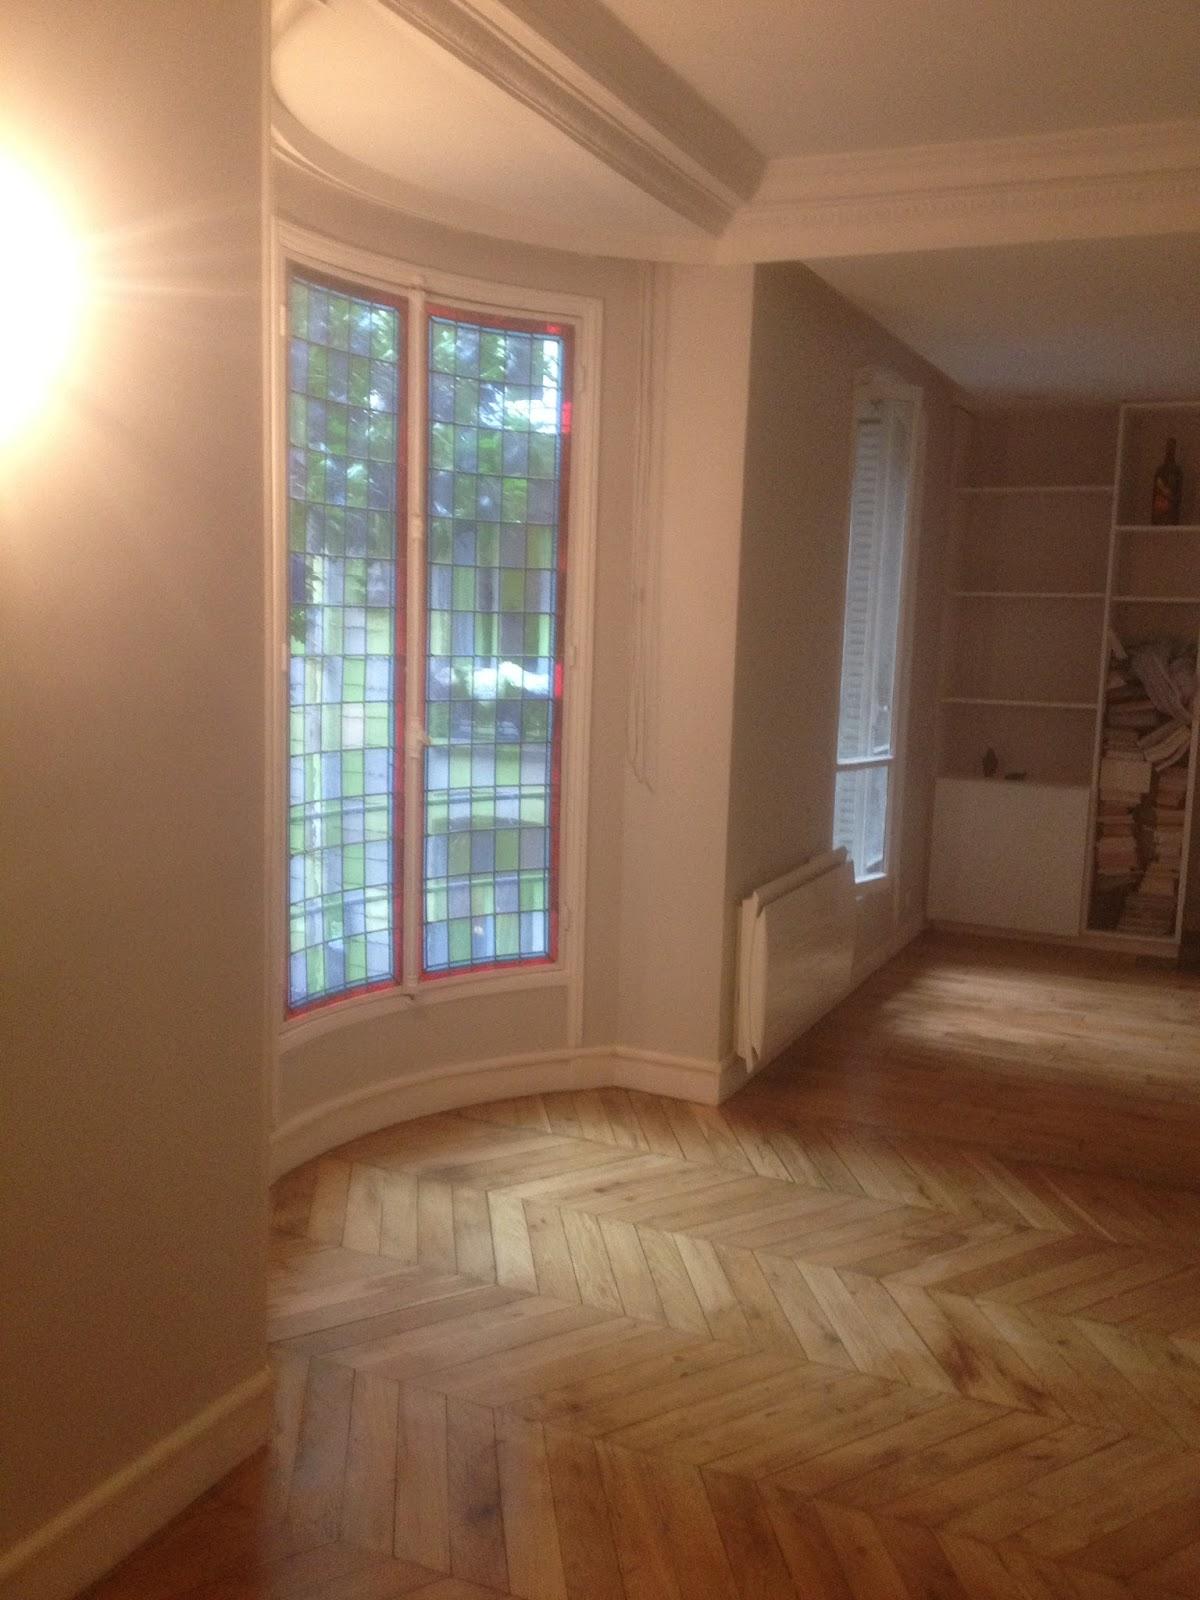 Devis peinture m2 appartement prix travaux peinture appartement artisan vit - Devis peinture appartement ...